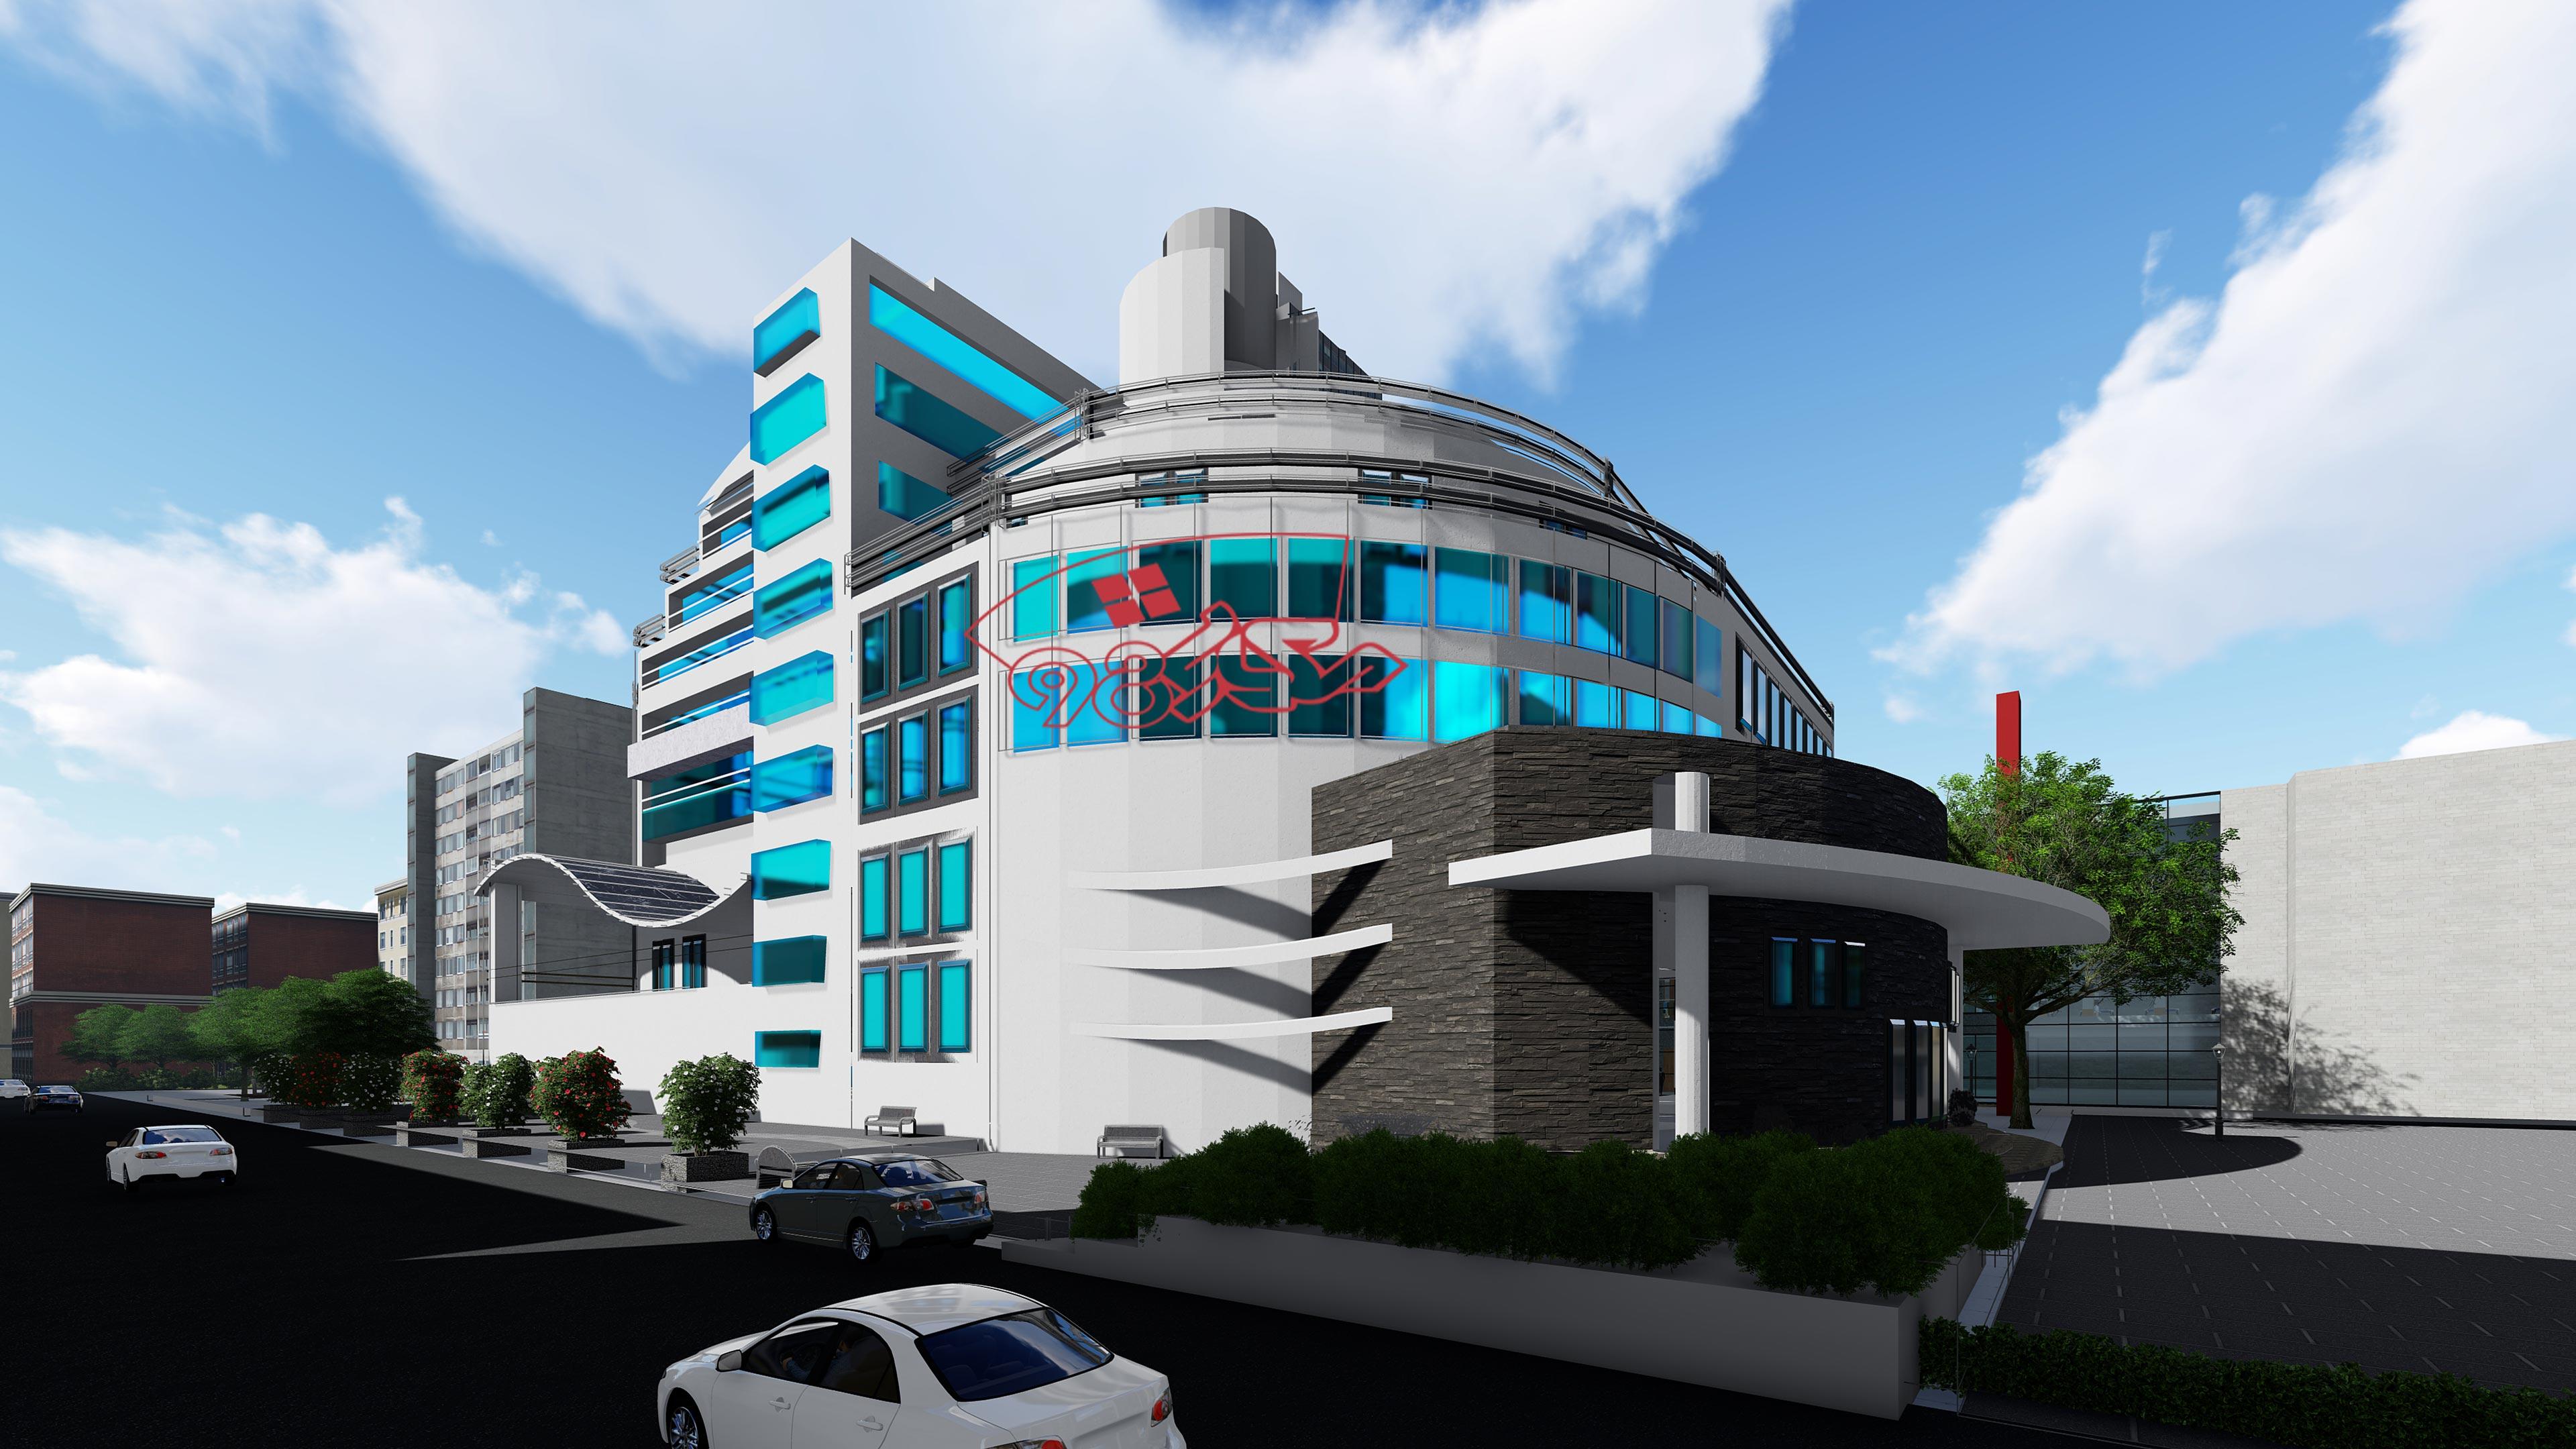 طرح کامل هتل به سبک پست مدرن با جزئیات